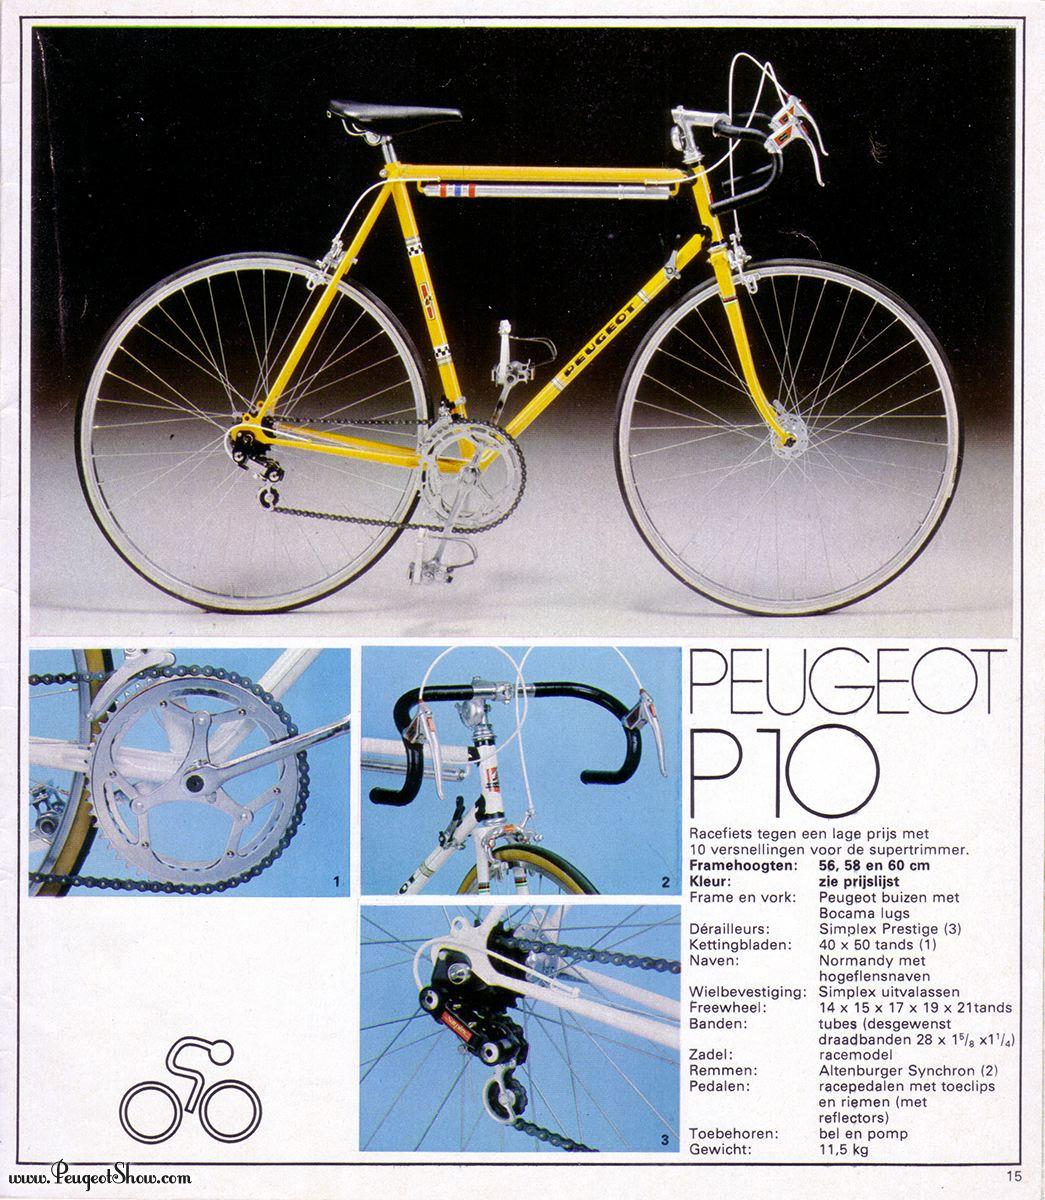 PEUGEOT PN10 1973 - Page 2 1976nl_15